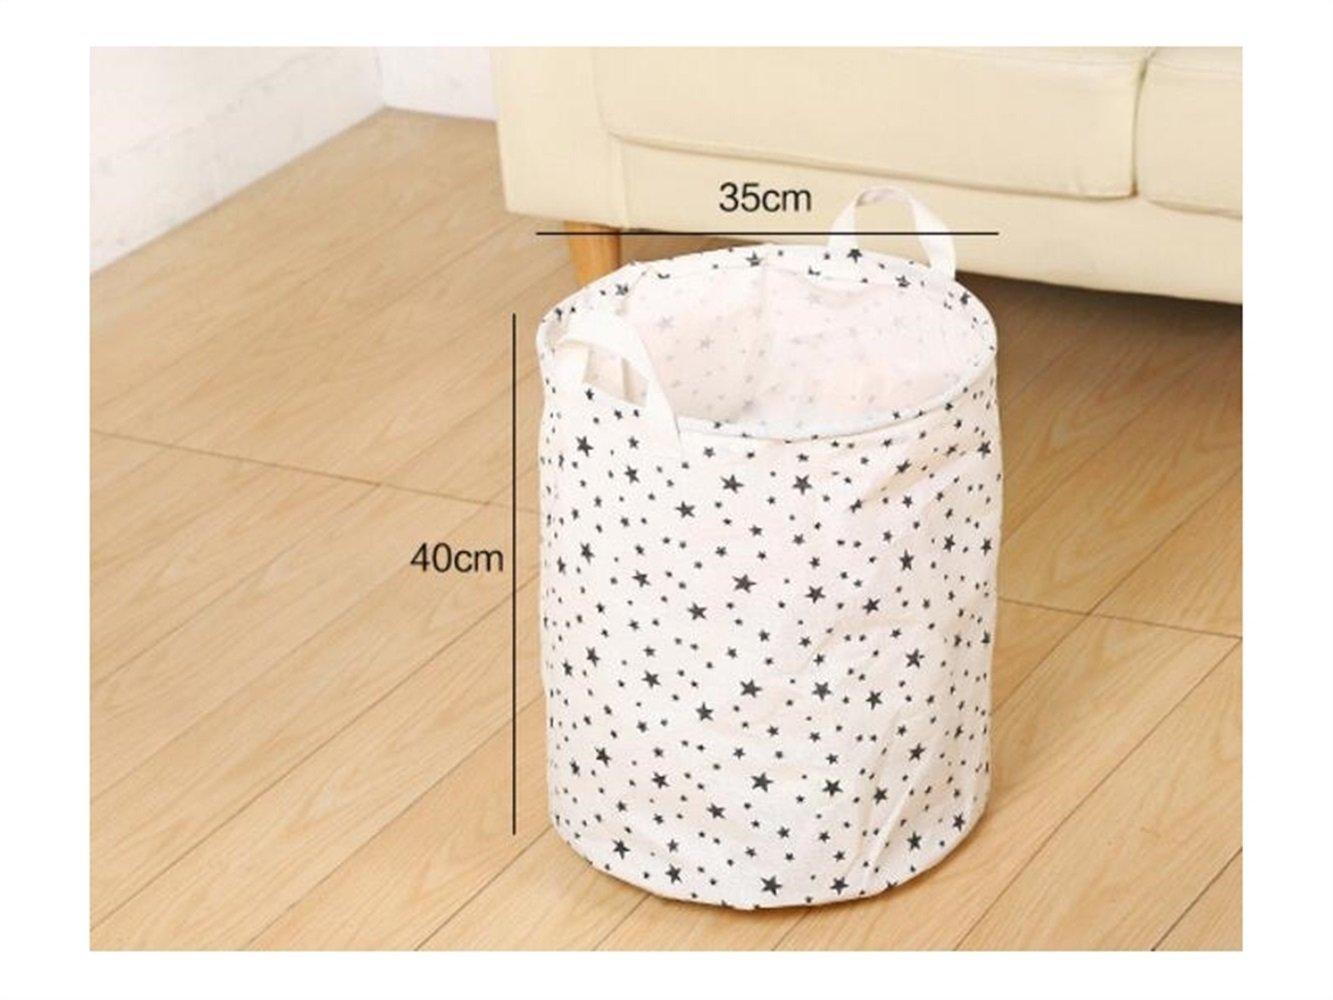 Gelaiken Lightweight Star Pattern Tote Storage Basket Waterproof Storage Bucket Cotton and Linen Storage Box (White)